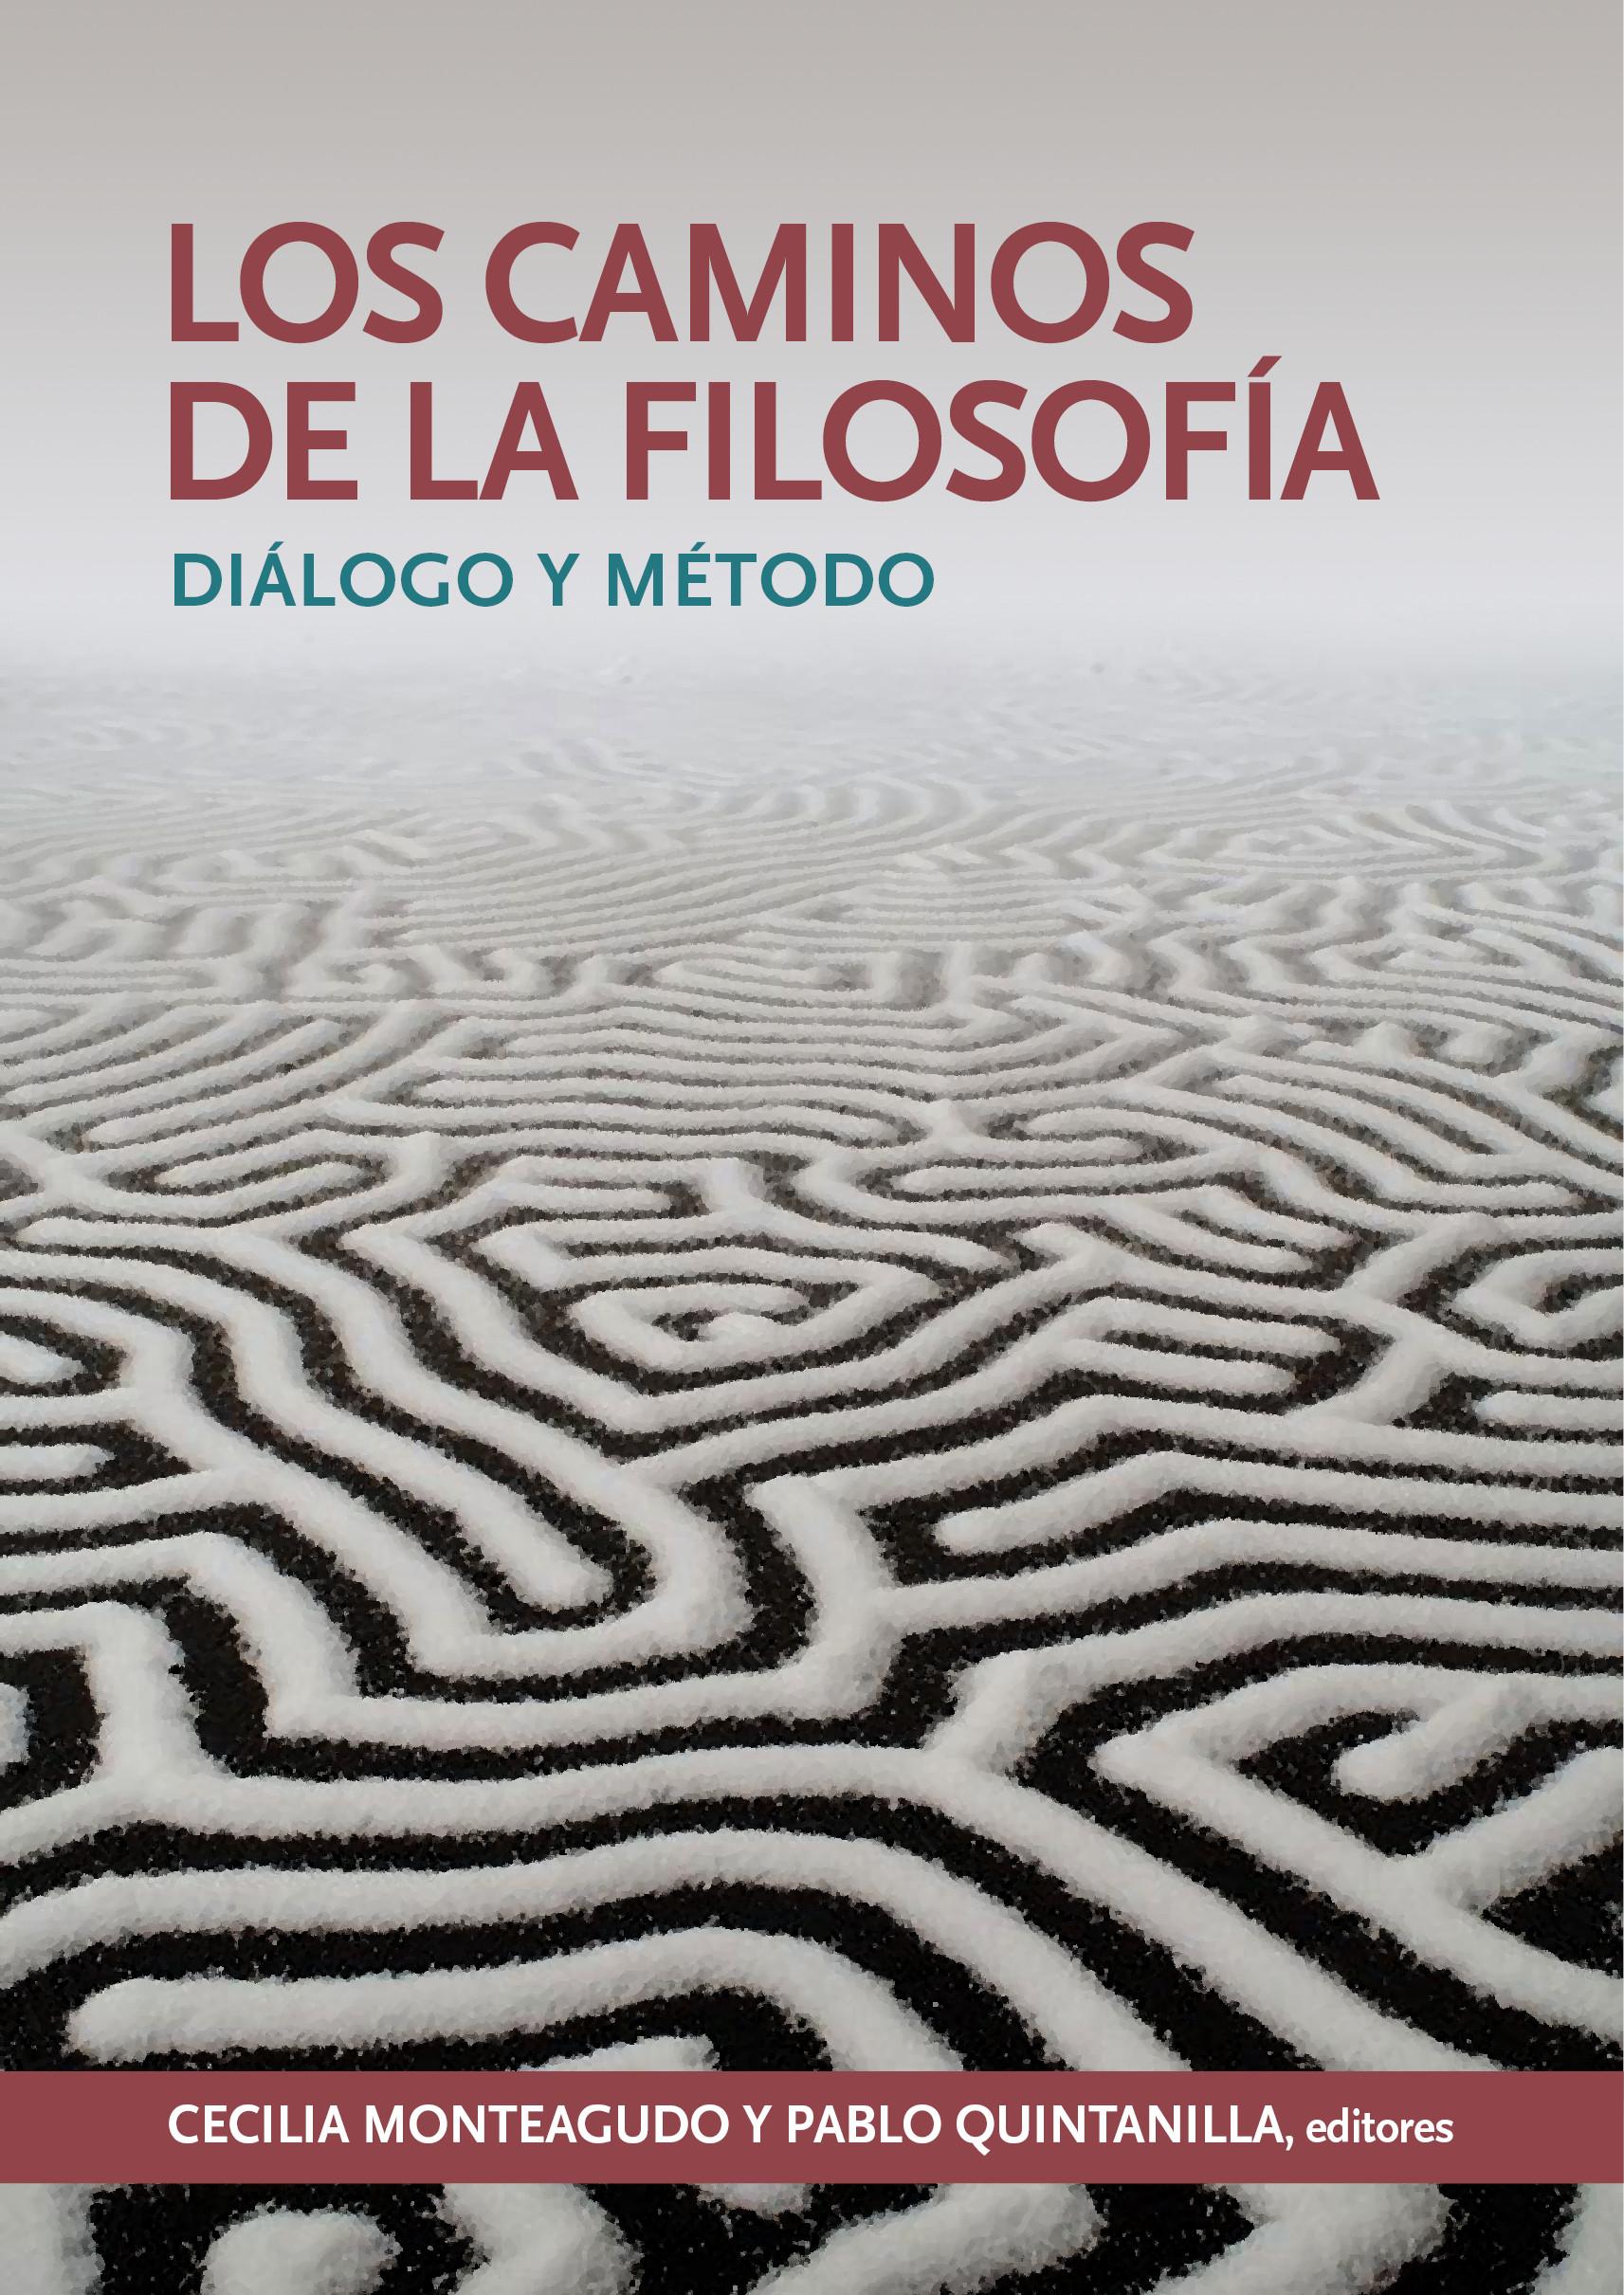 Los caminos de la filosofía